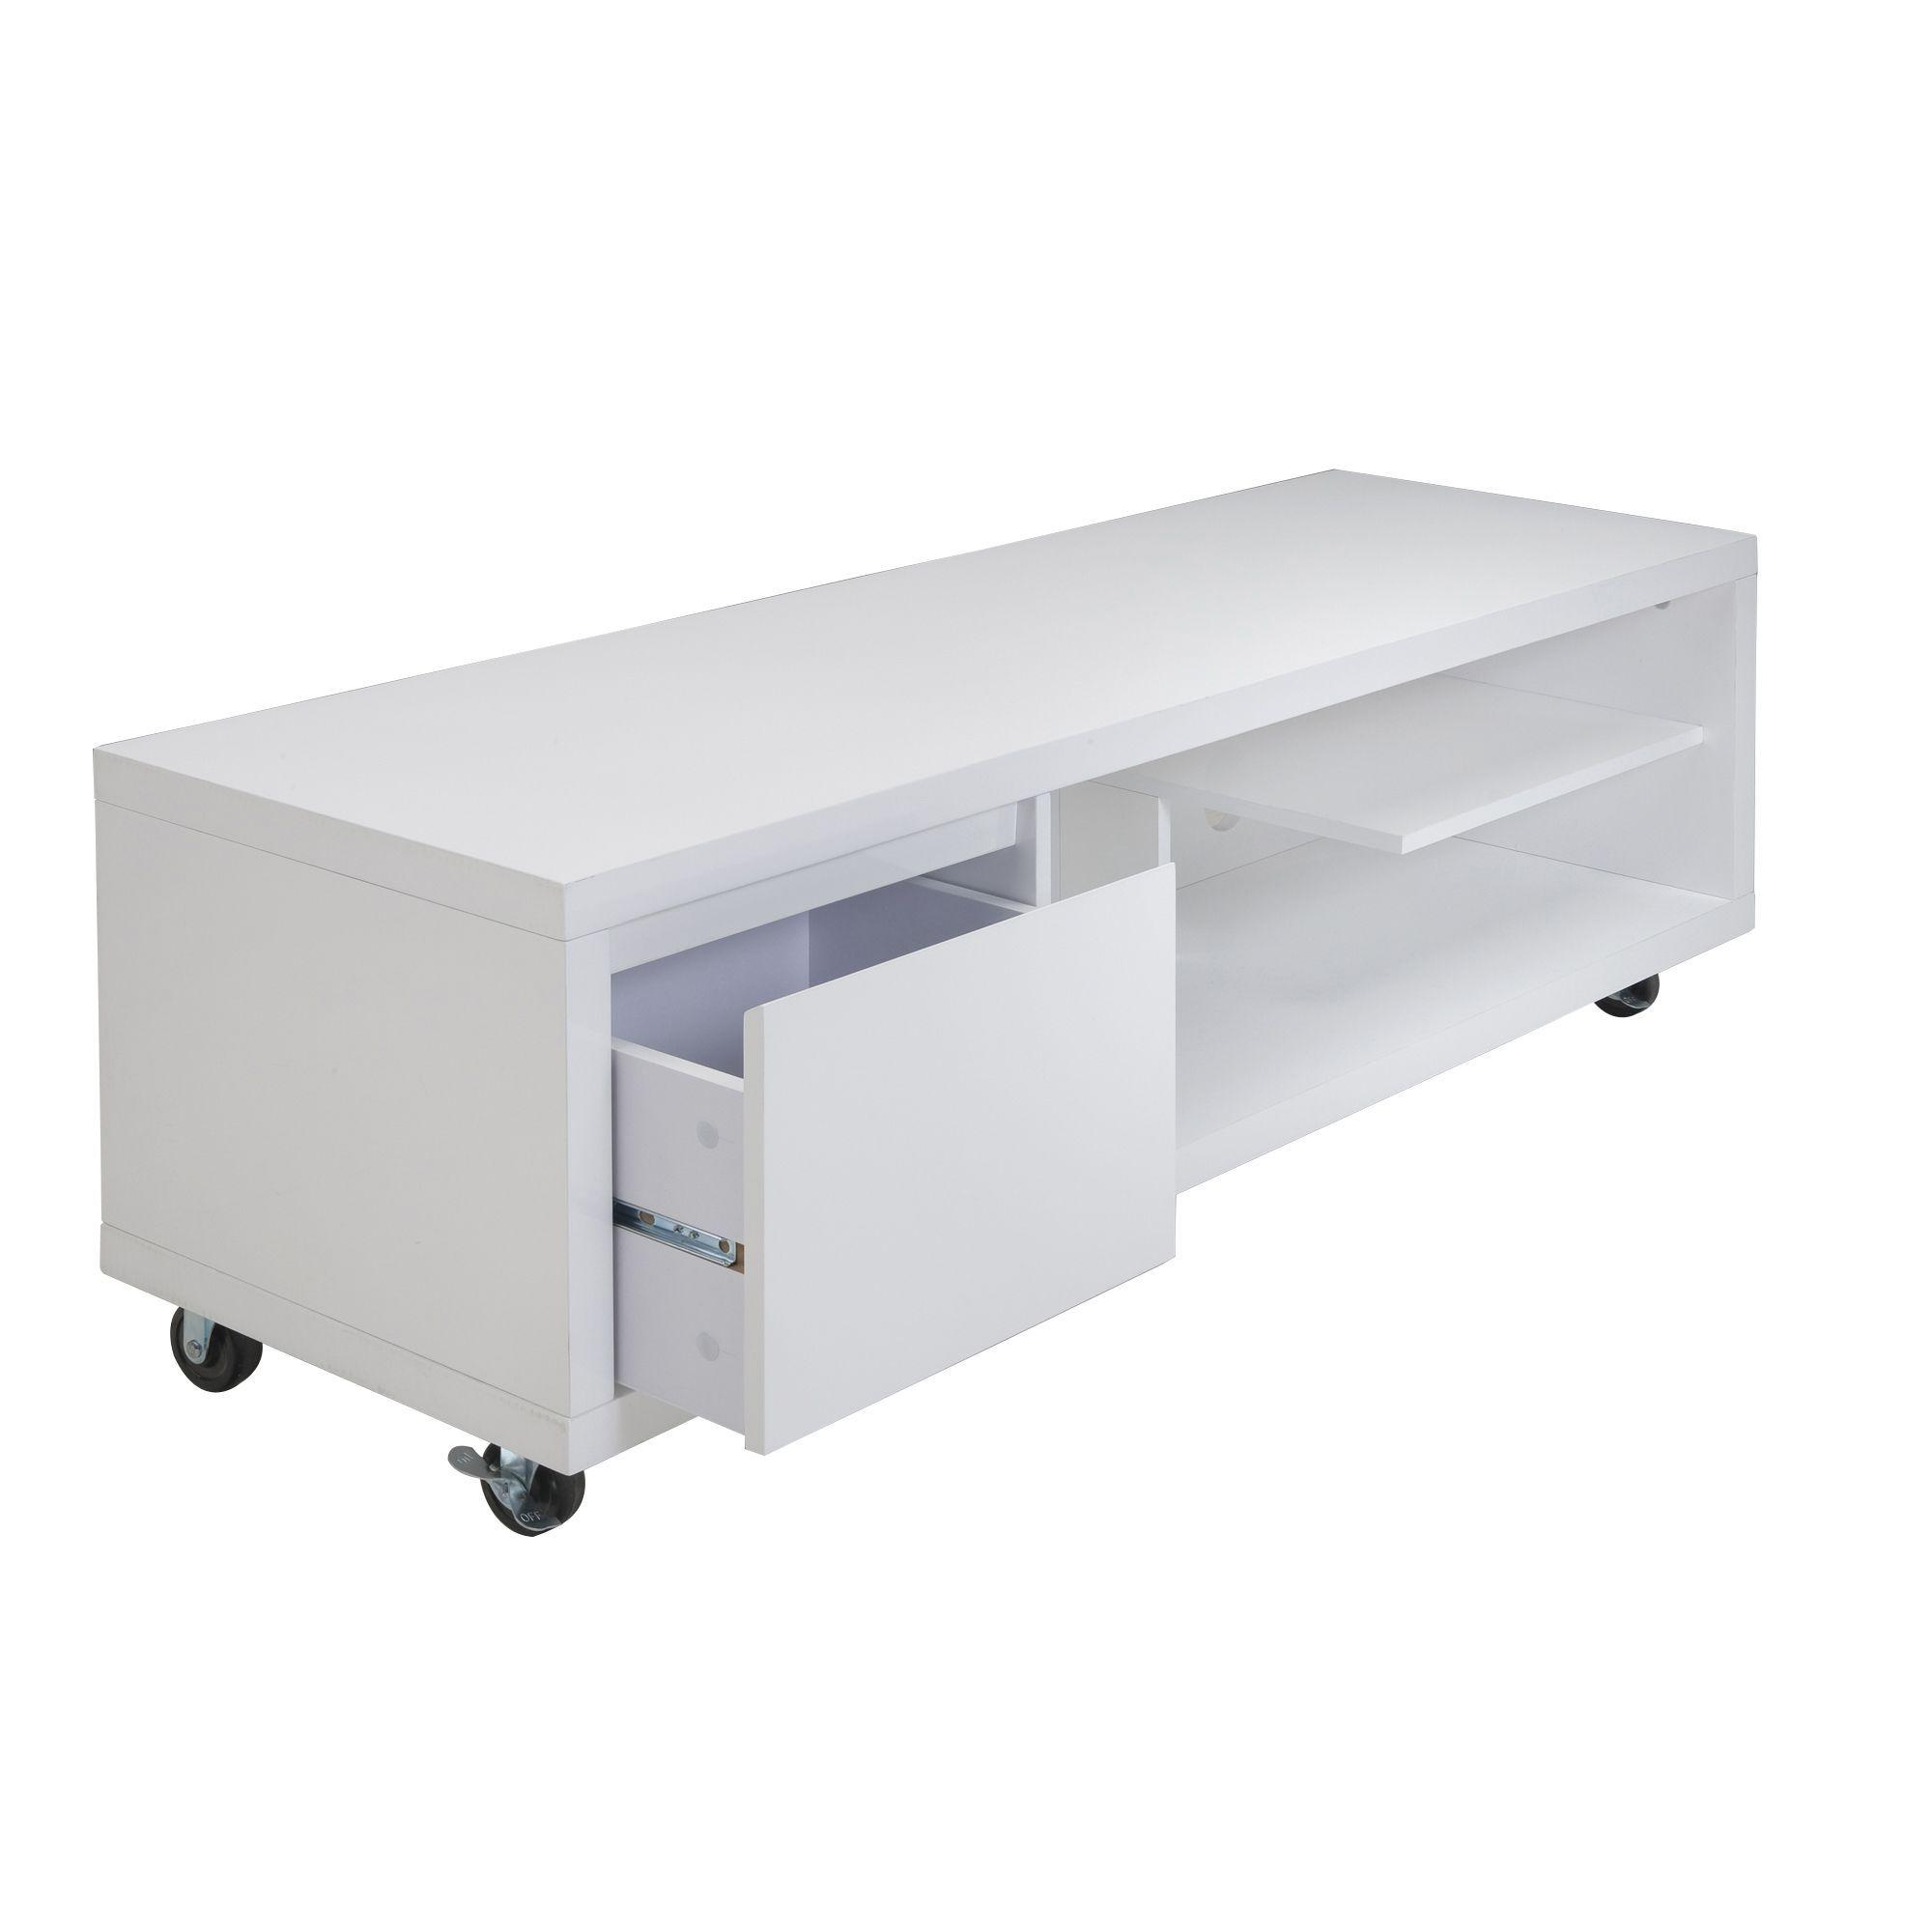 Banc tv blanc 1 tiroir roulettes blanc lorena les meubles t l les meubles et - Alinea meuble tv ...